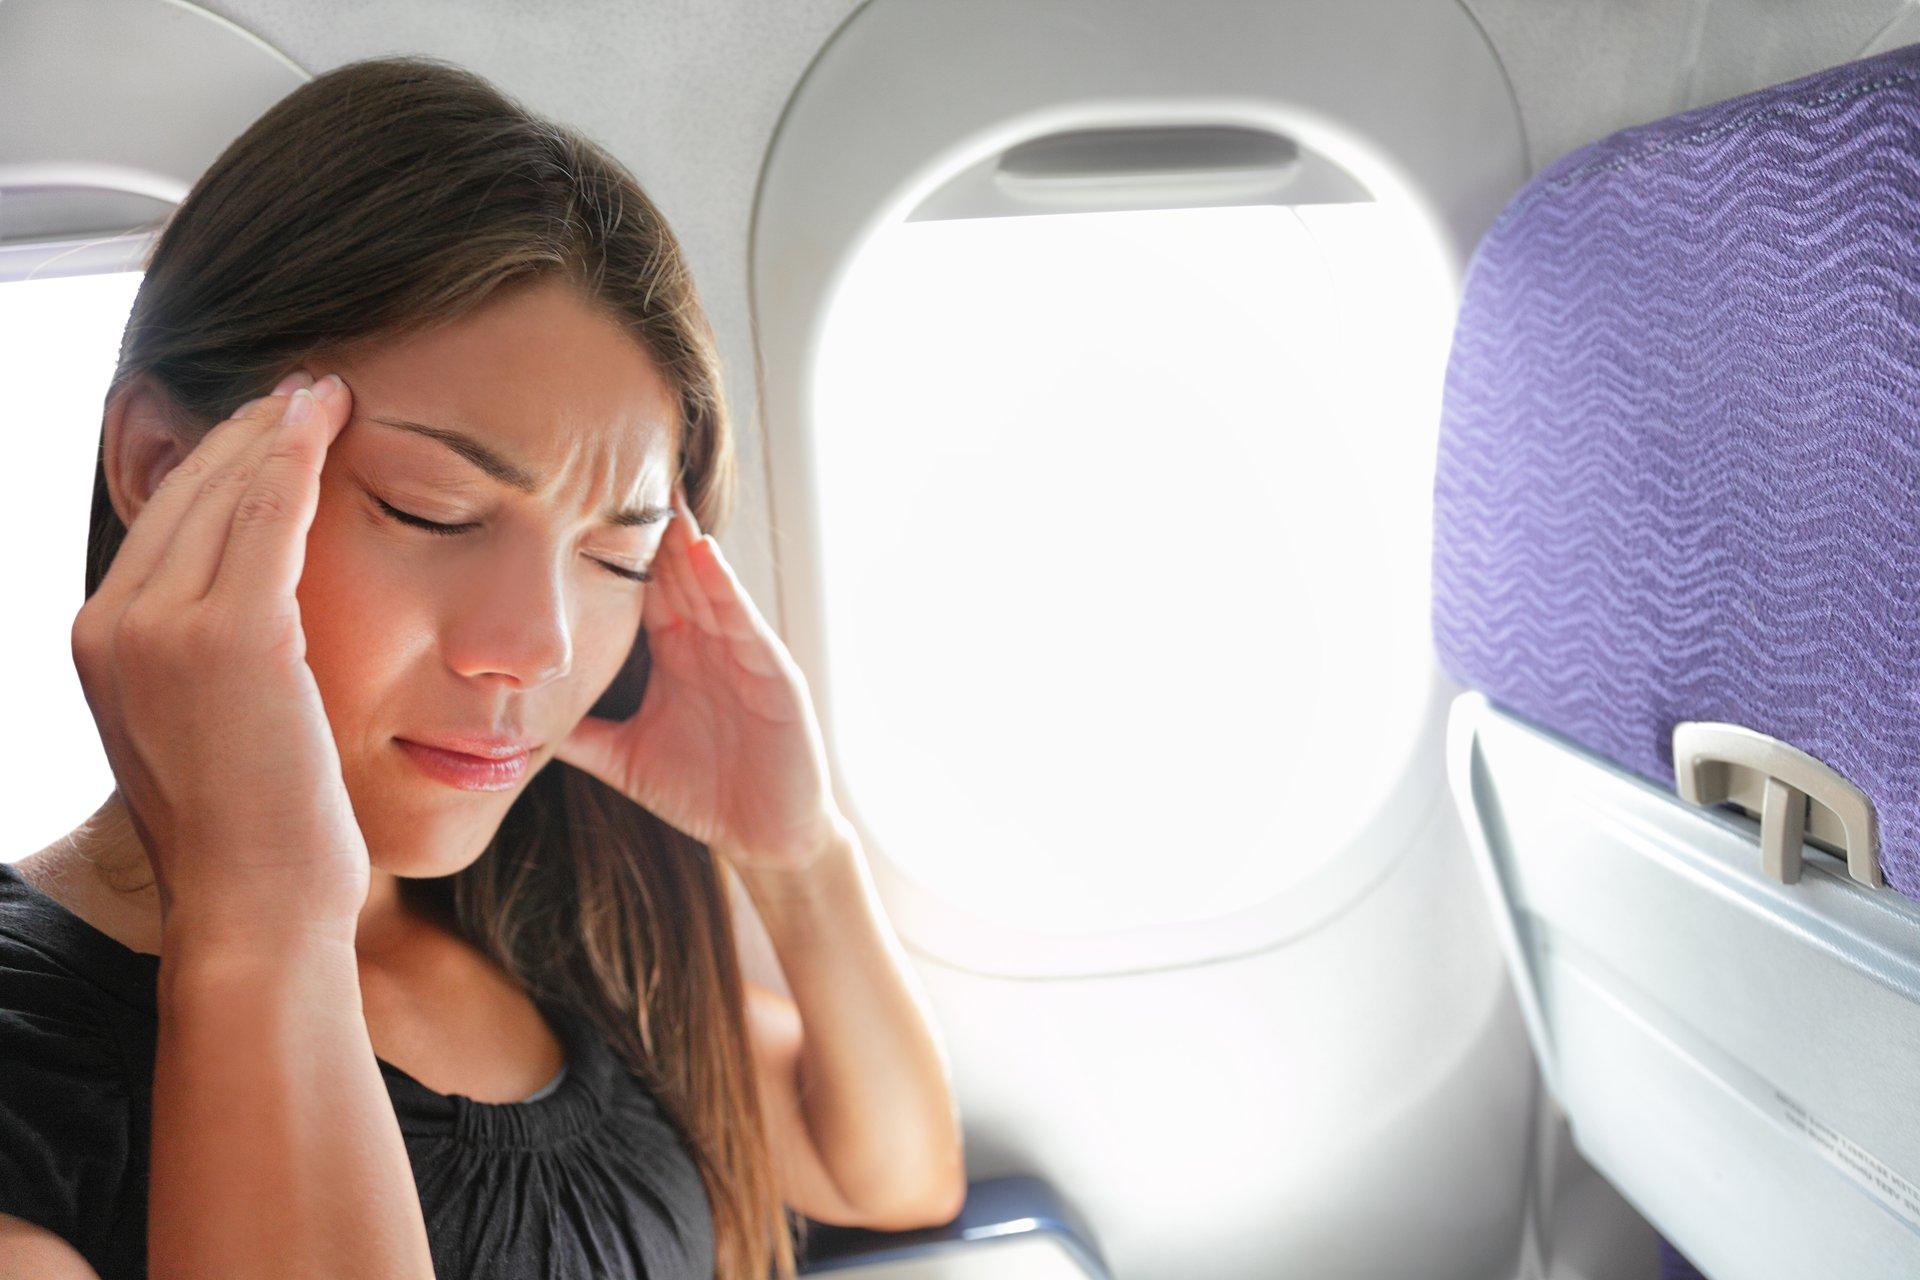 Unhappy woman on a plane